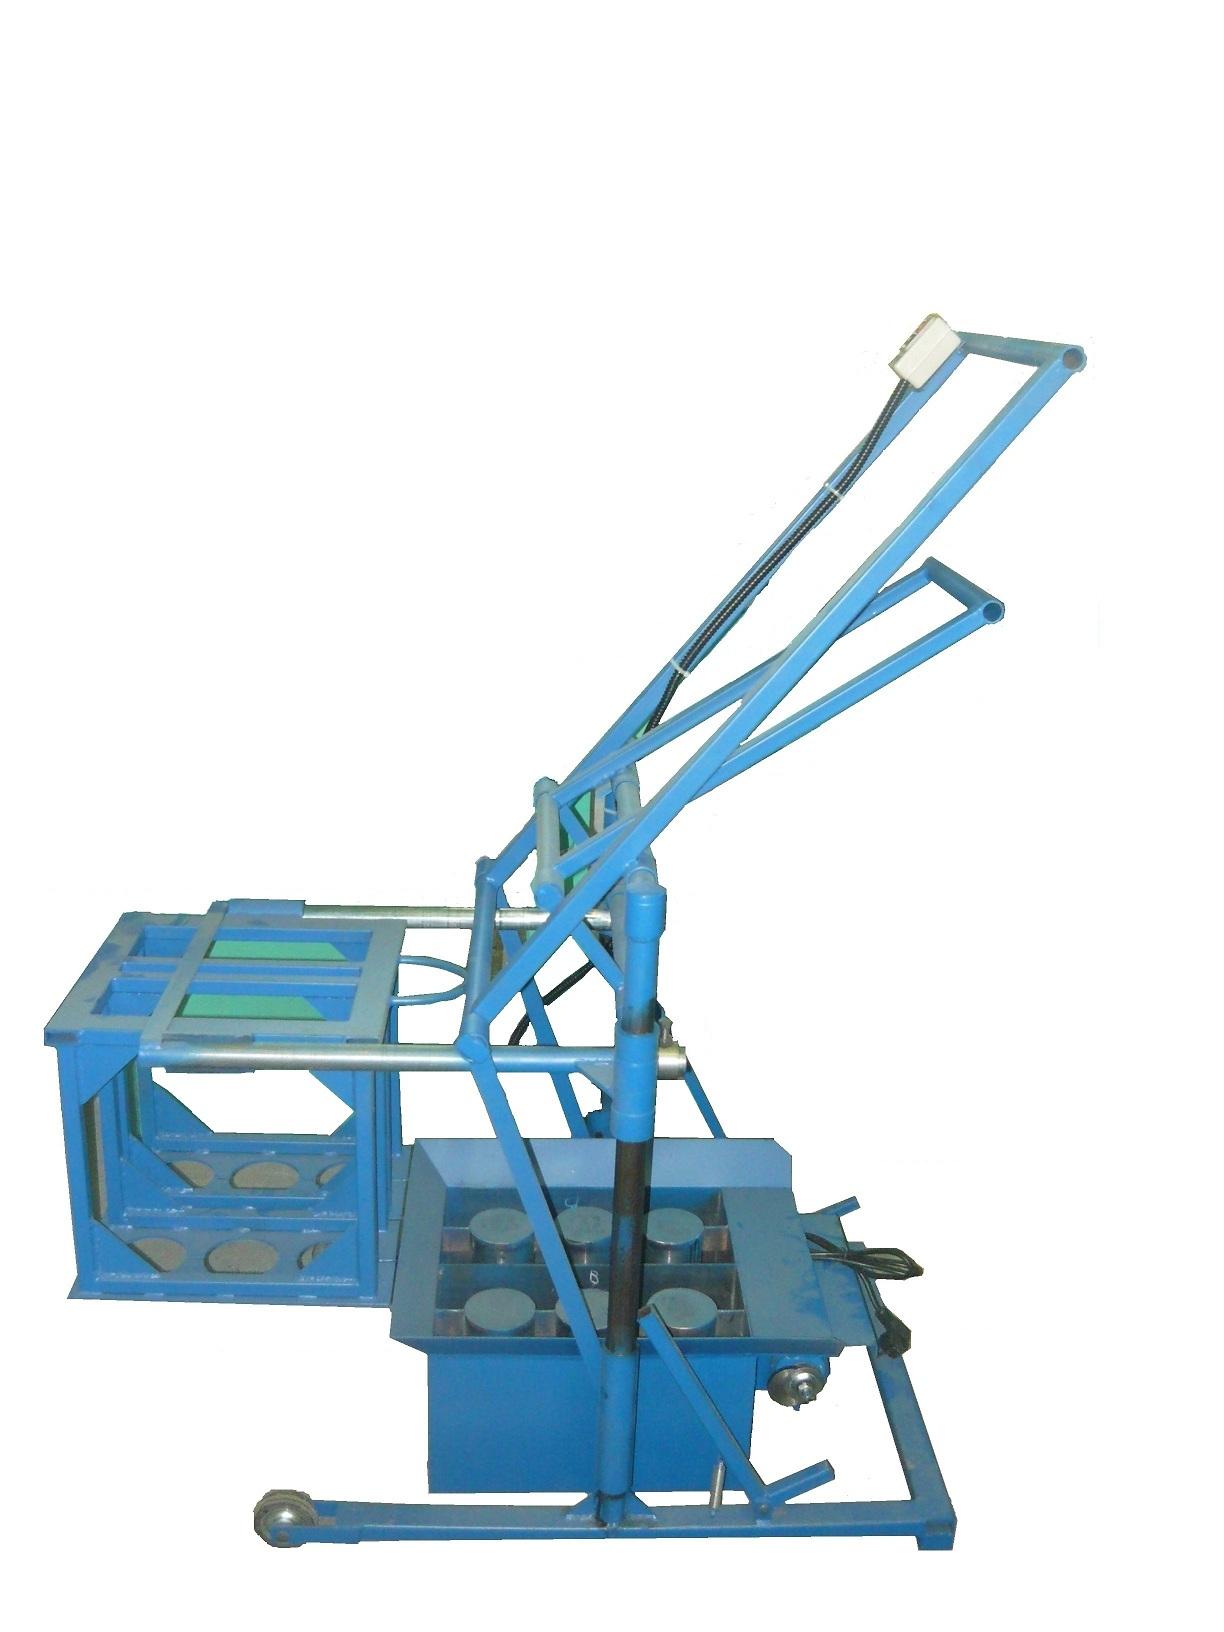 Производство пескоблоков как бизнес: оборудование, станок 2